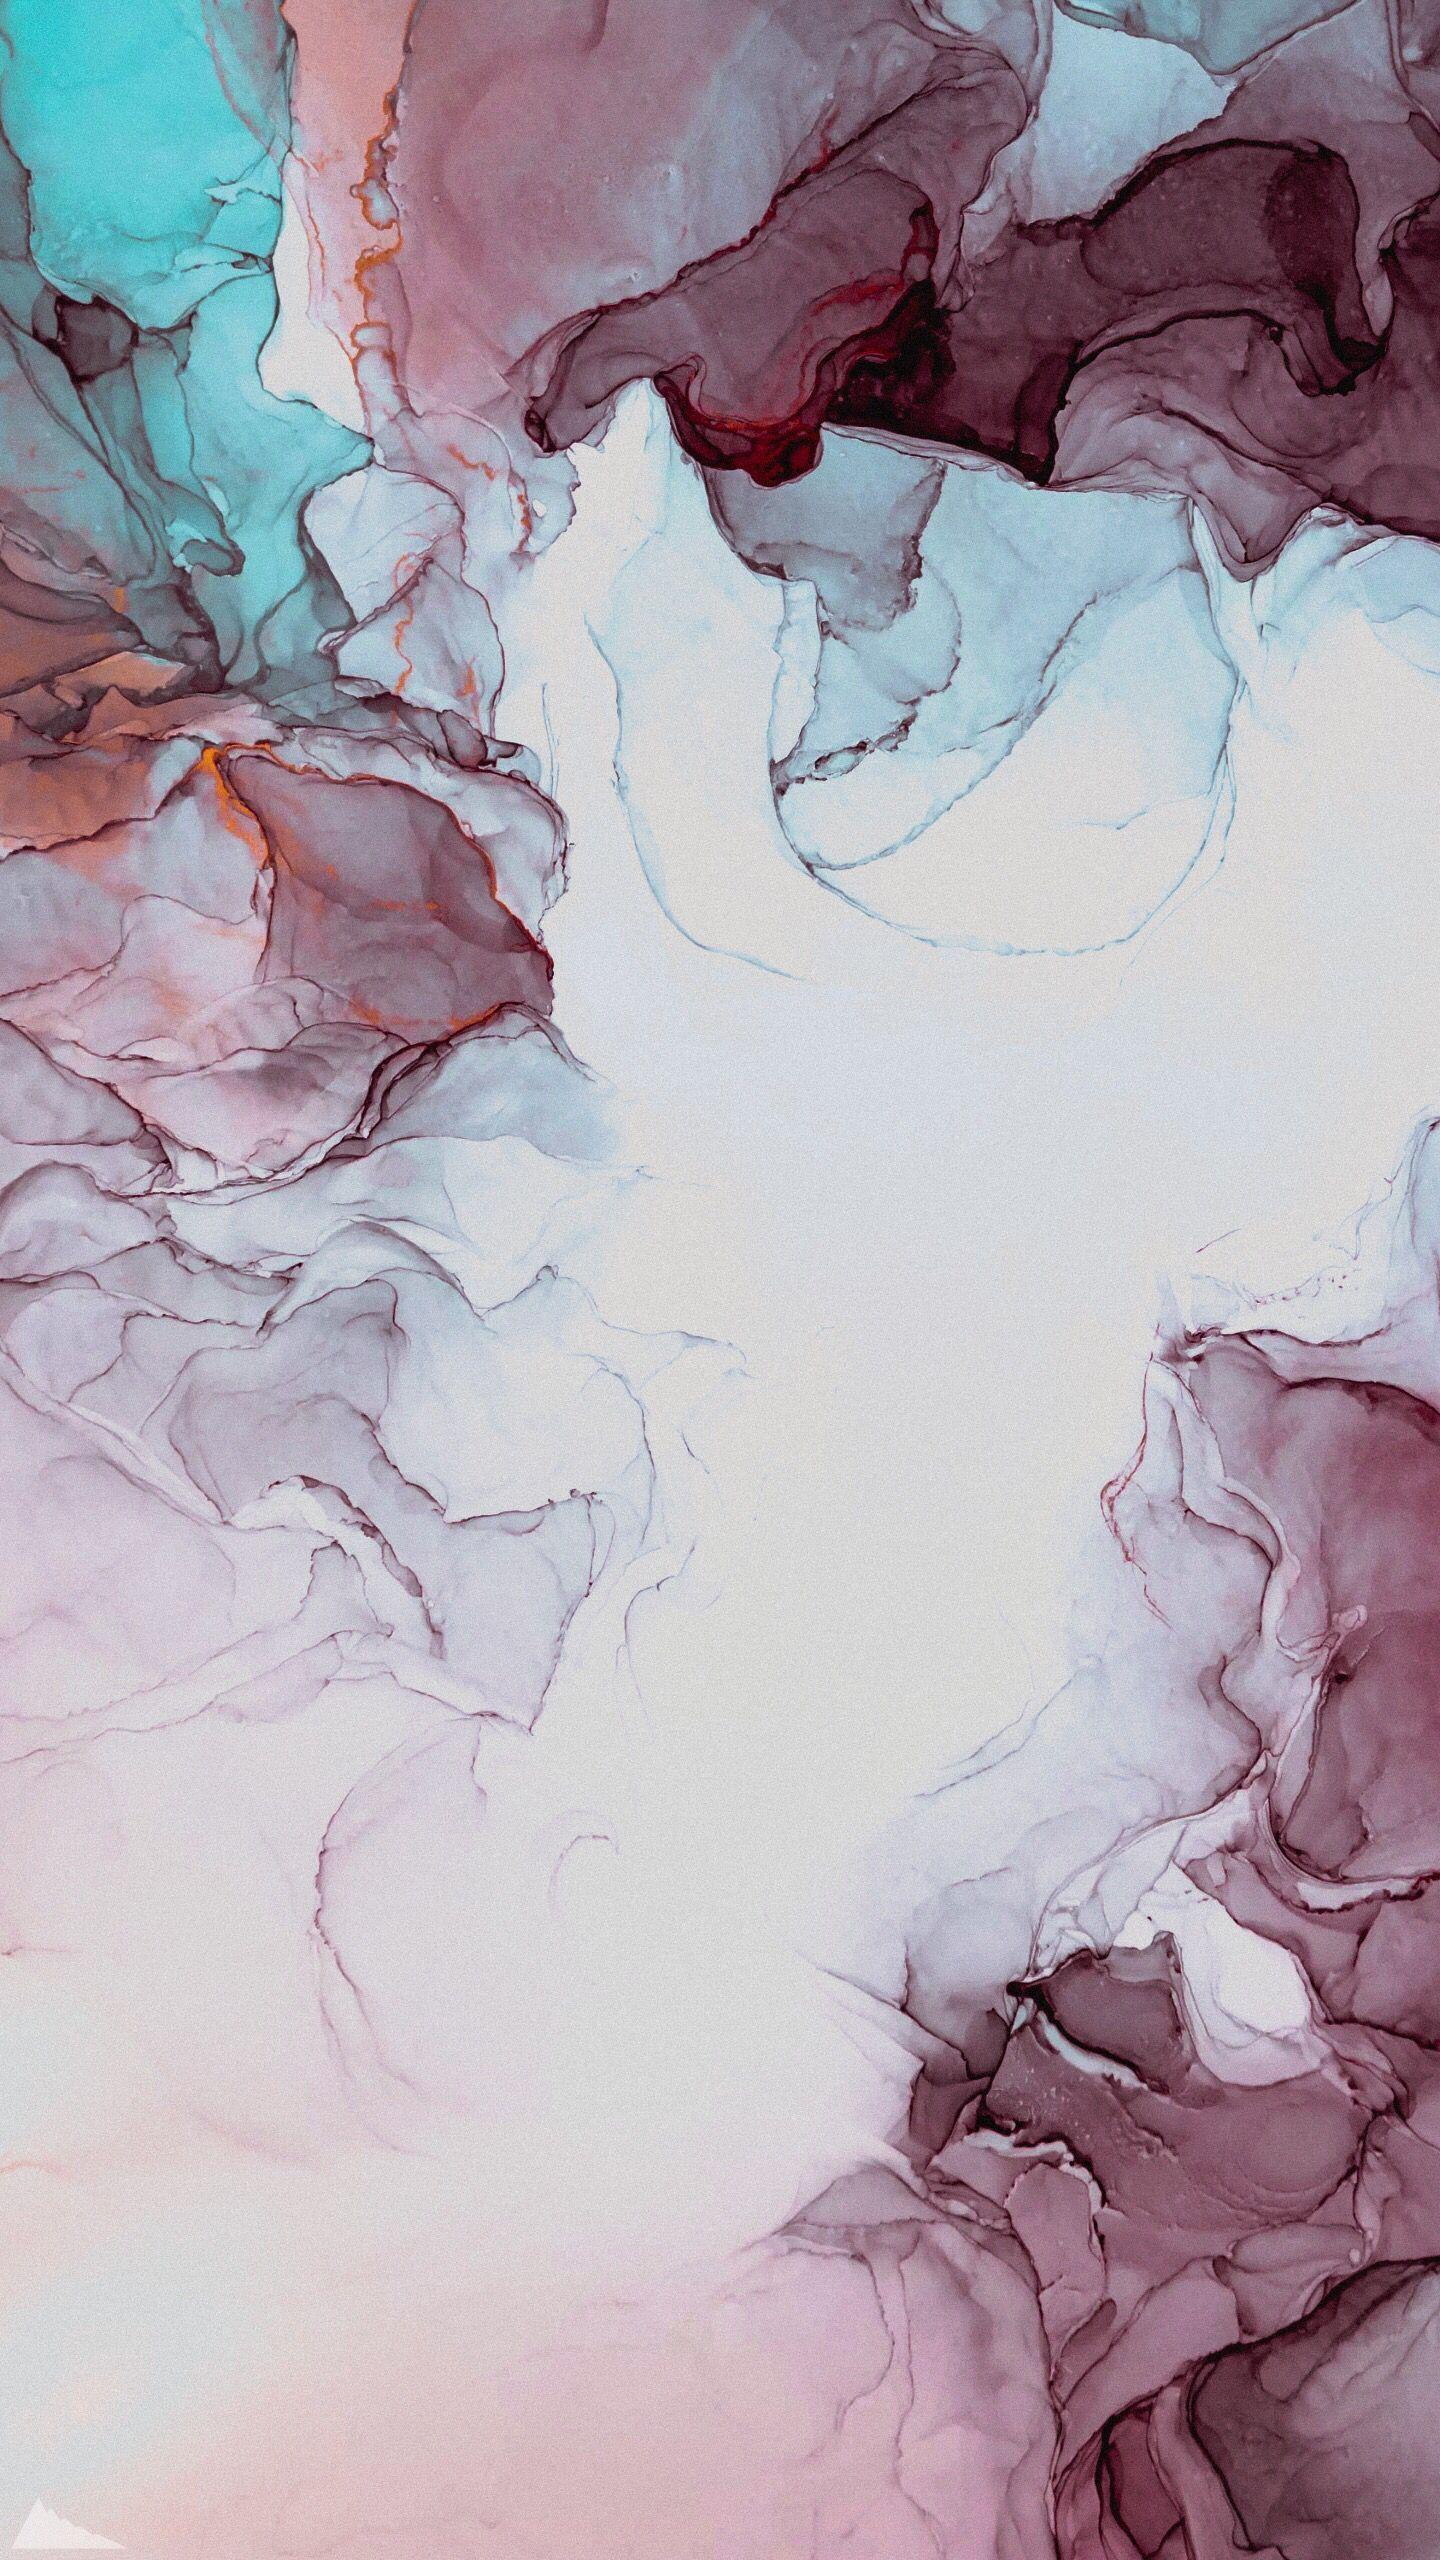 Mobile Wallpaper Er En Meget Vigtig Del Af Mobiltelefoner Side 34 Af 59 Fl In 2020 Pretty Wallpapers Aesthetic Iphone Wallpaper Iphone Background Wallpaper